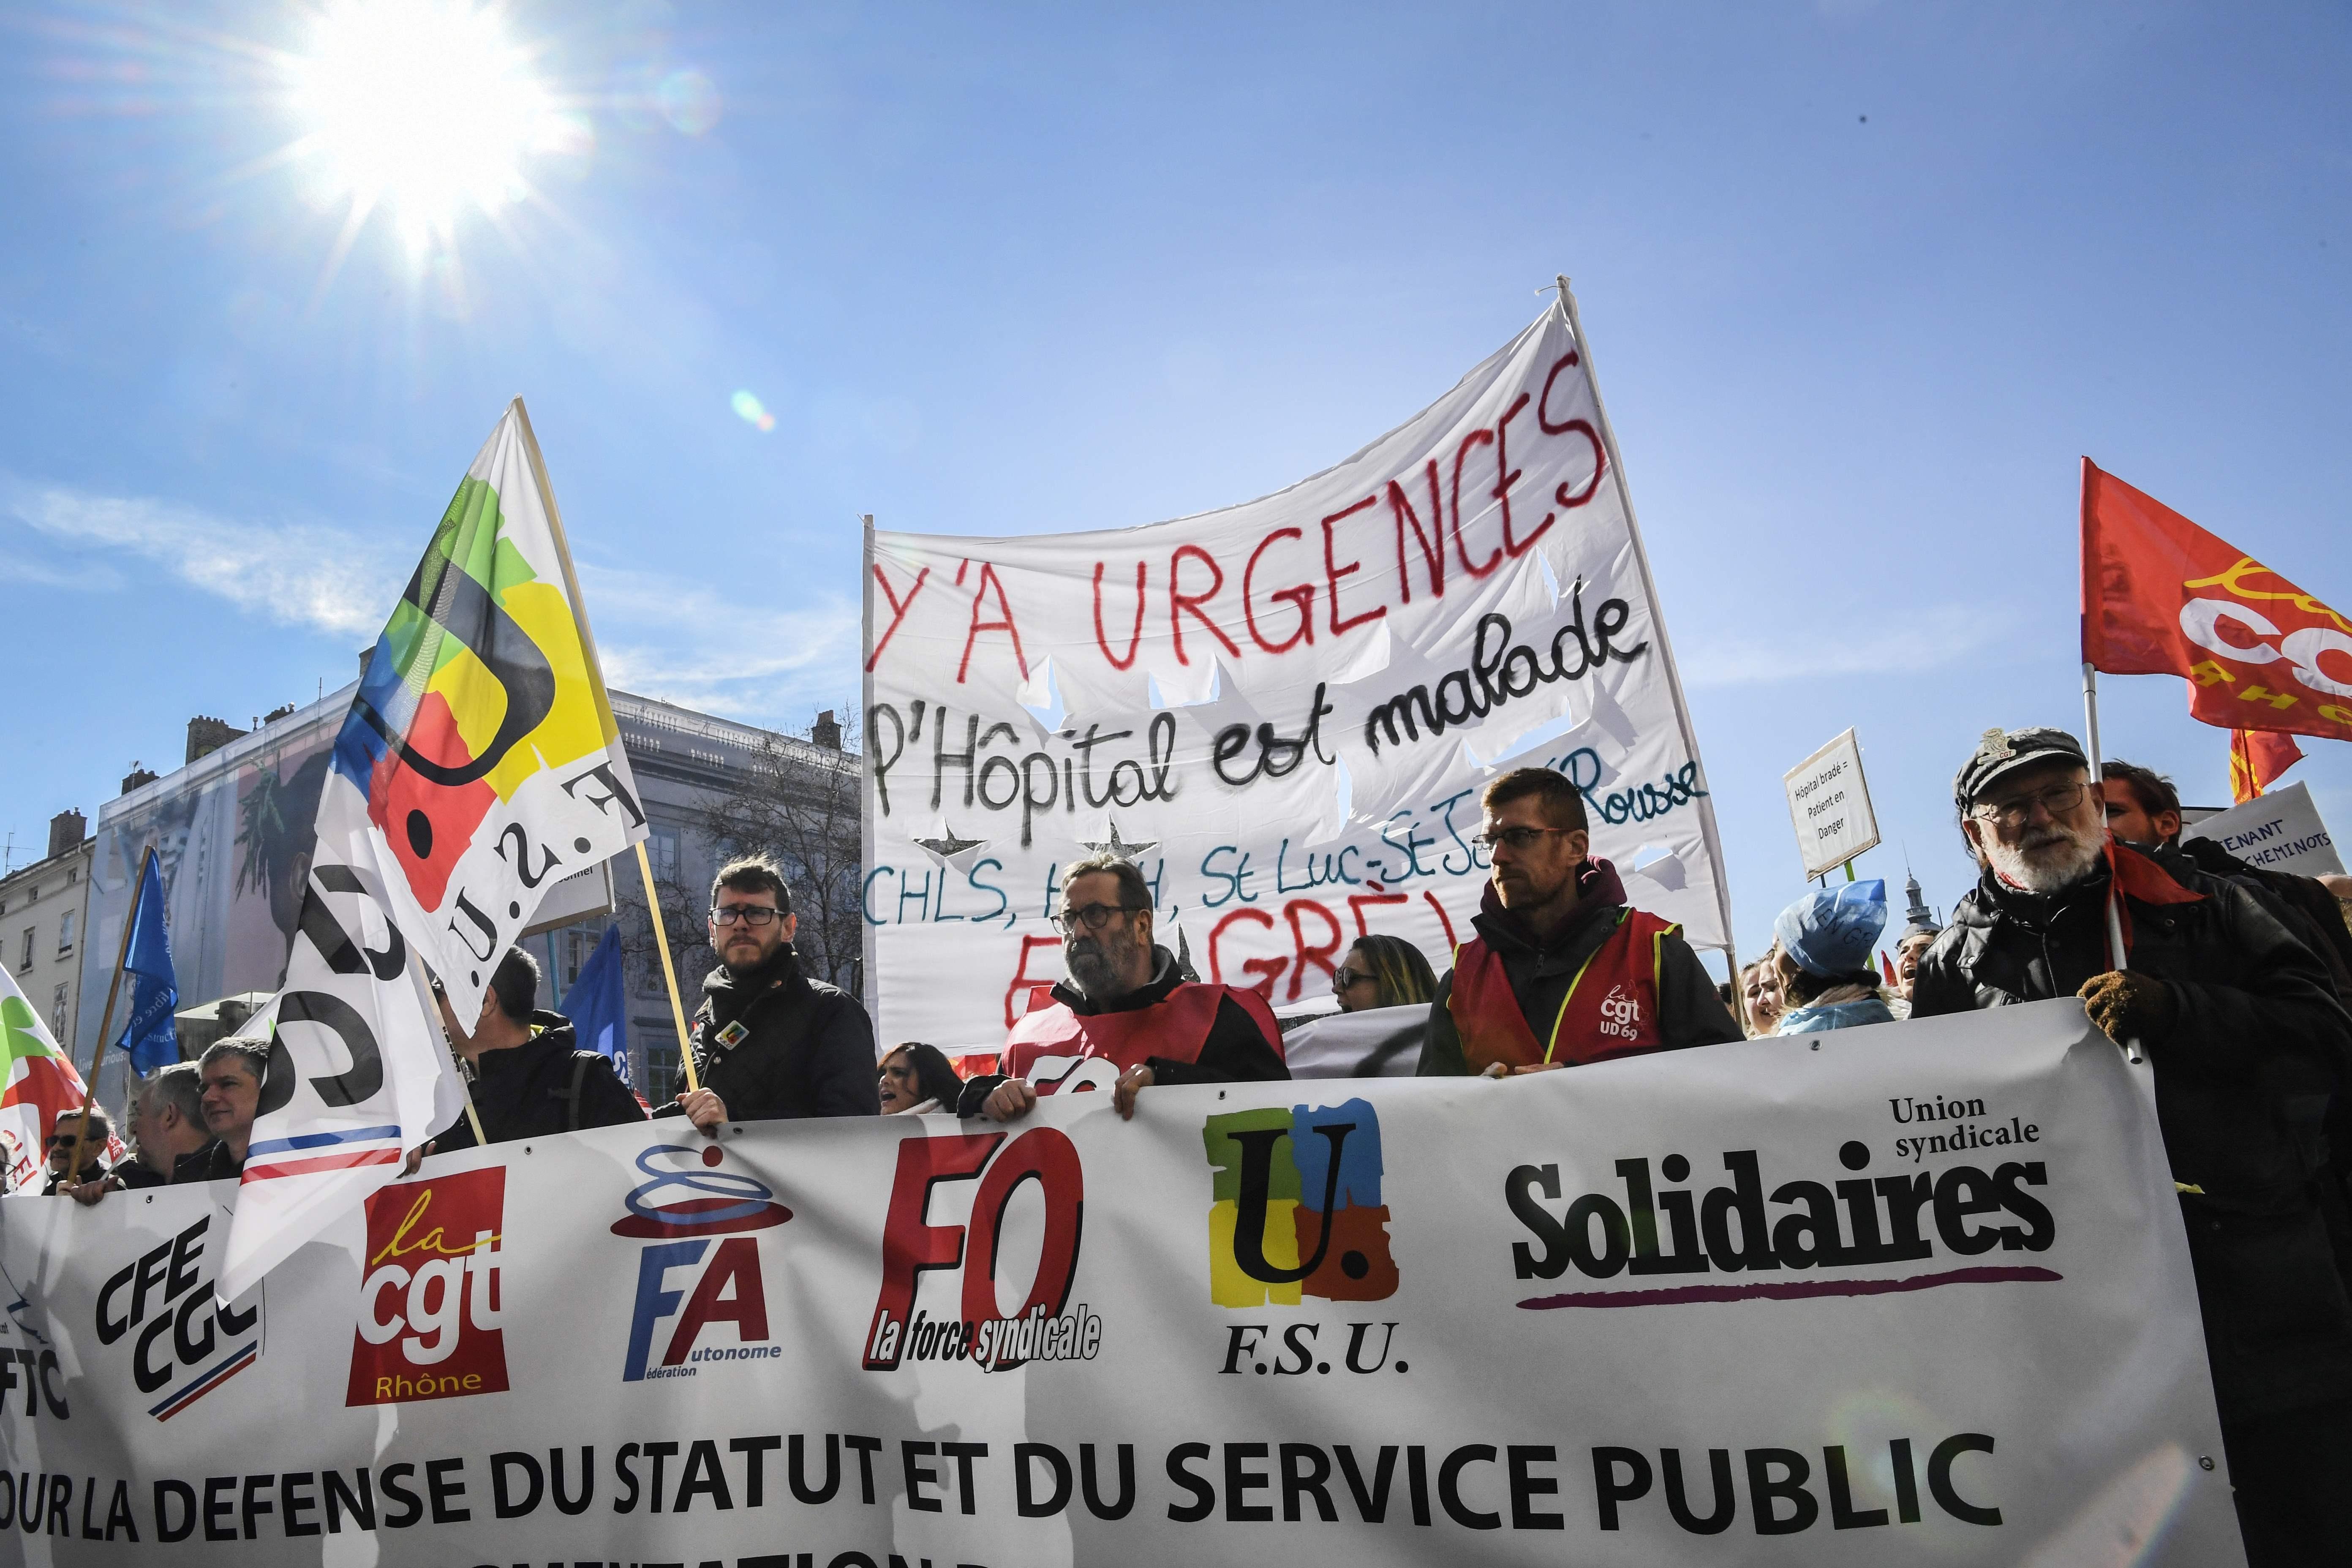 احتجاجات نقابية واسعة بفرنسا